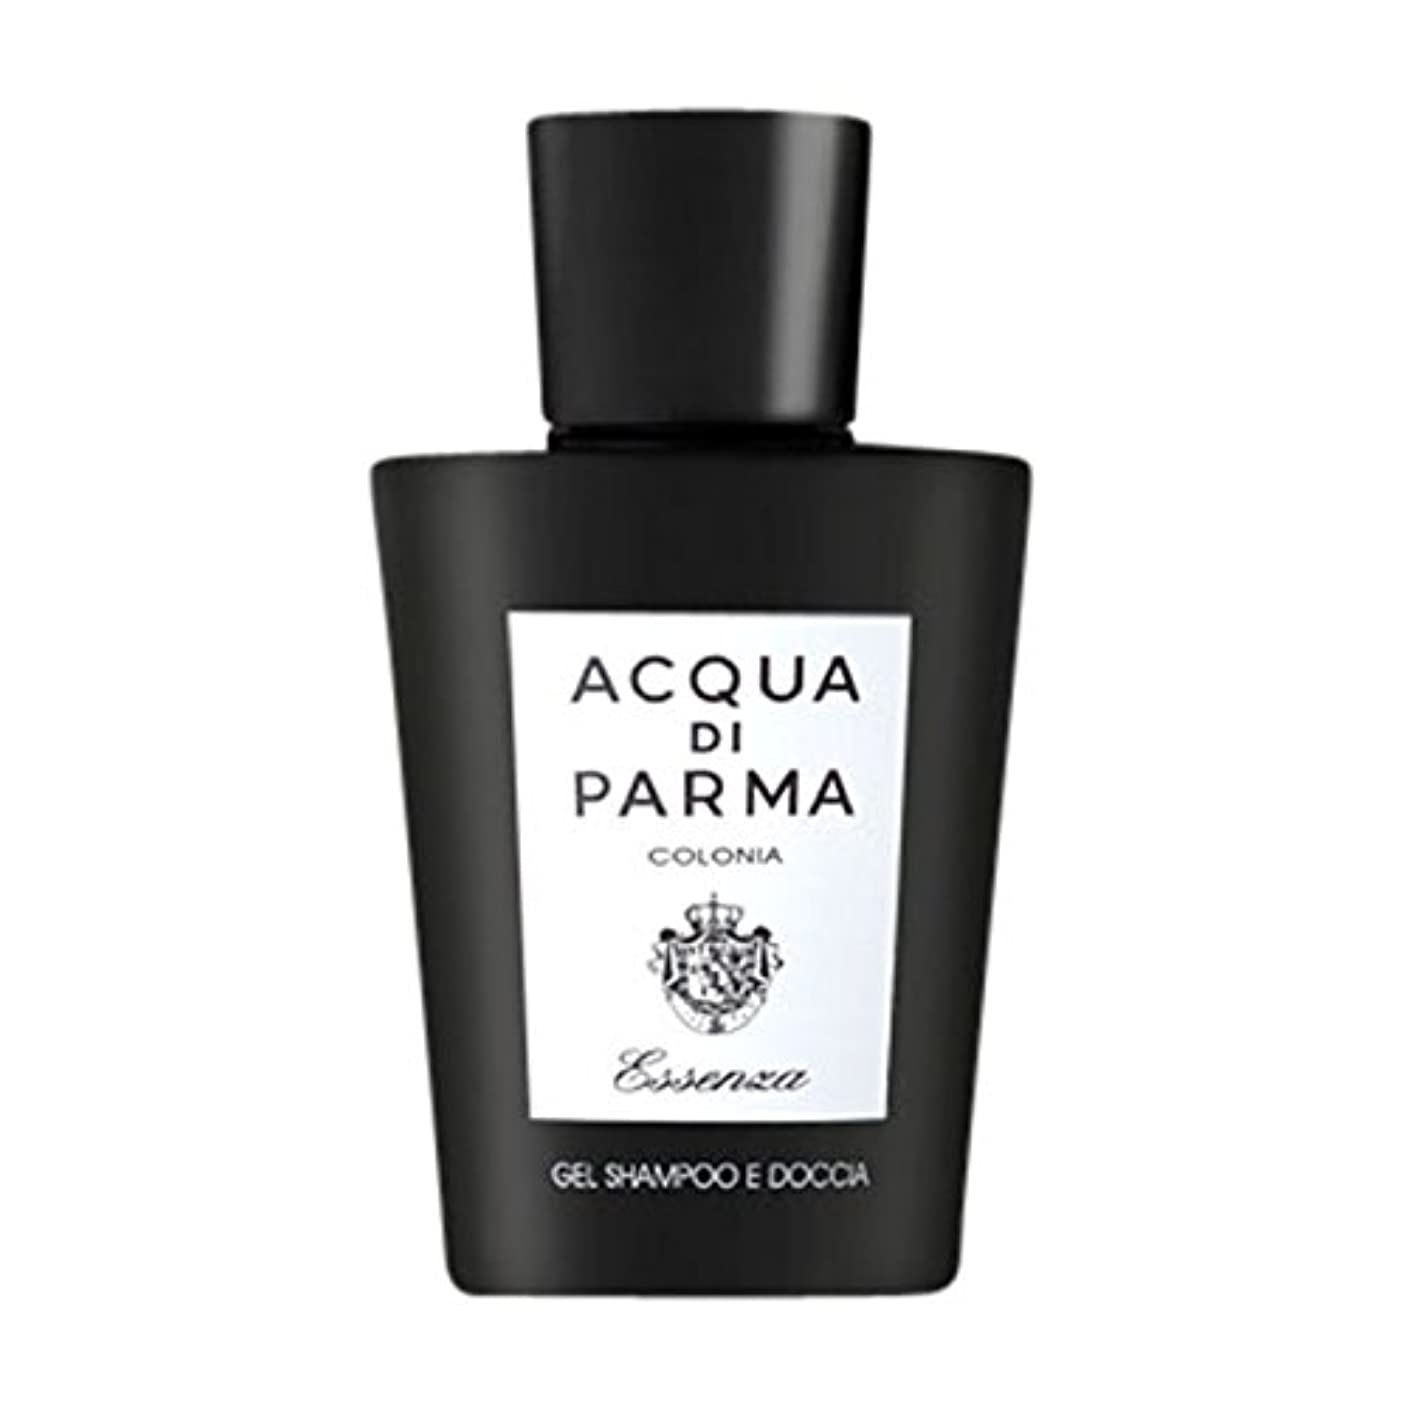 レモン宗教プロットアクアディパルマコロニアEssenza髪とシャワージェル200ミリリットル (Acqua di Parma) (x6) - Acqua di Parma Colonia Essenza Hair and Shower Gel...